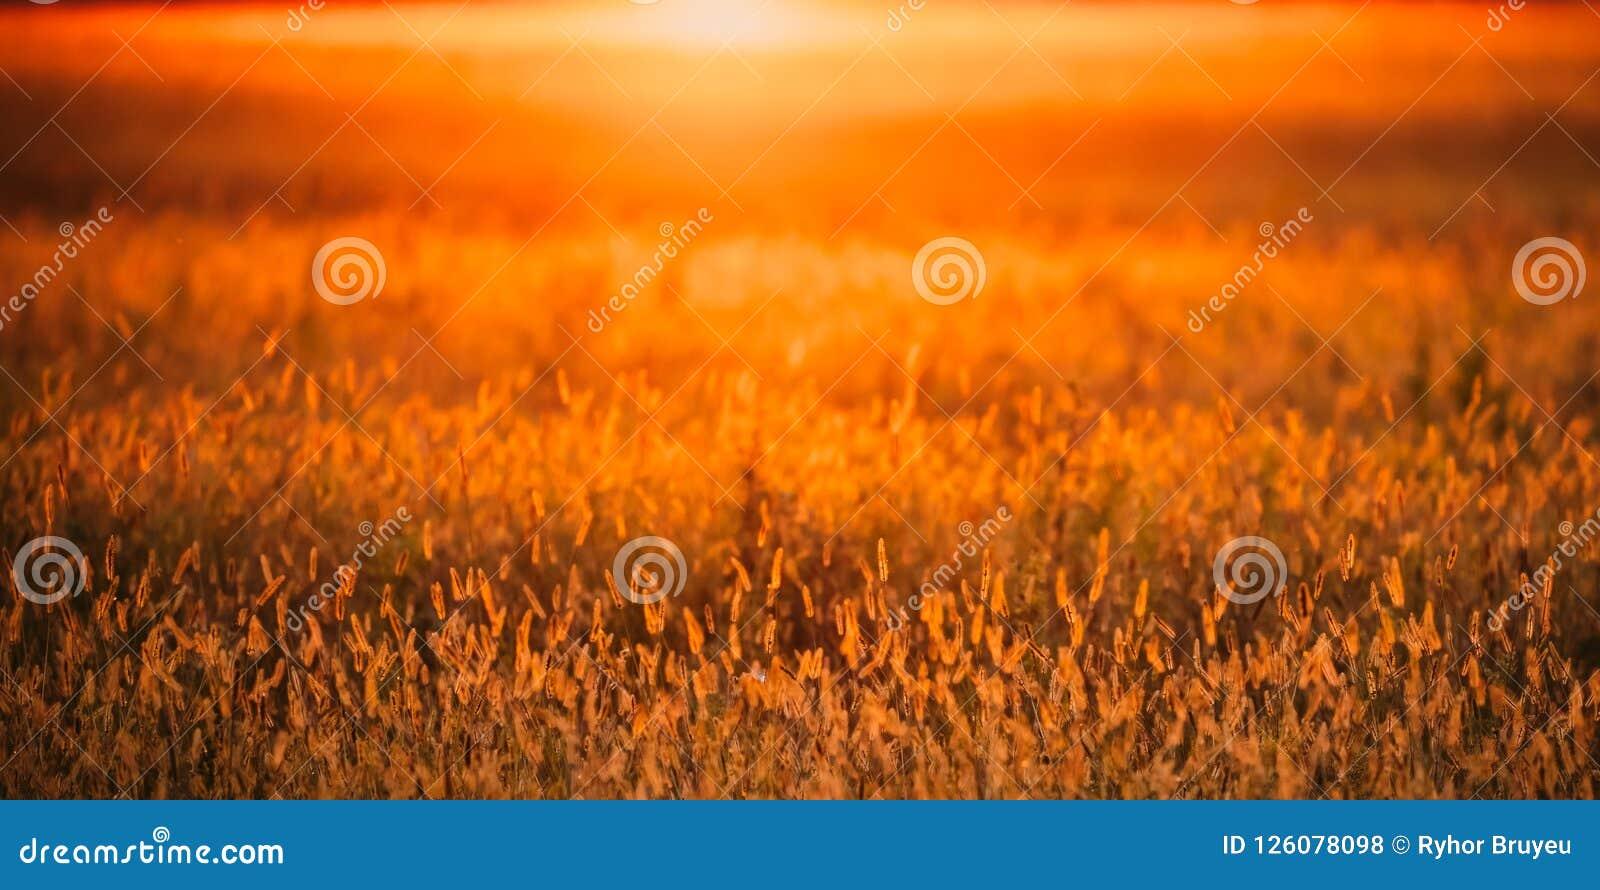 Χλόη λιβαδιών στο κίτρινο υπόβαθρο φωτός του ήλιου δασική εποχή μονοπατιών πτώσης φθινοπώρου